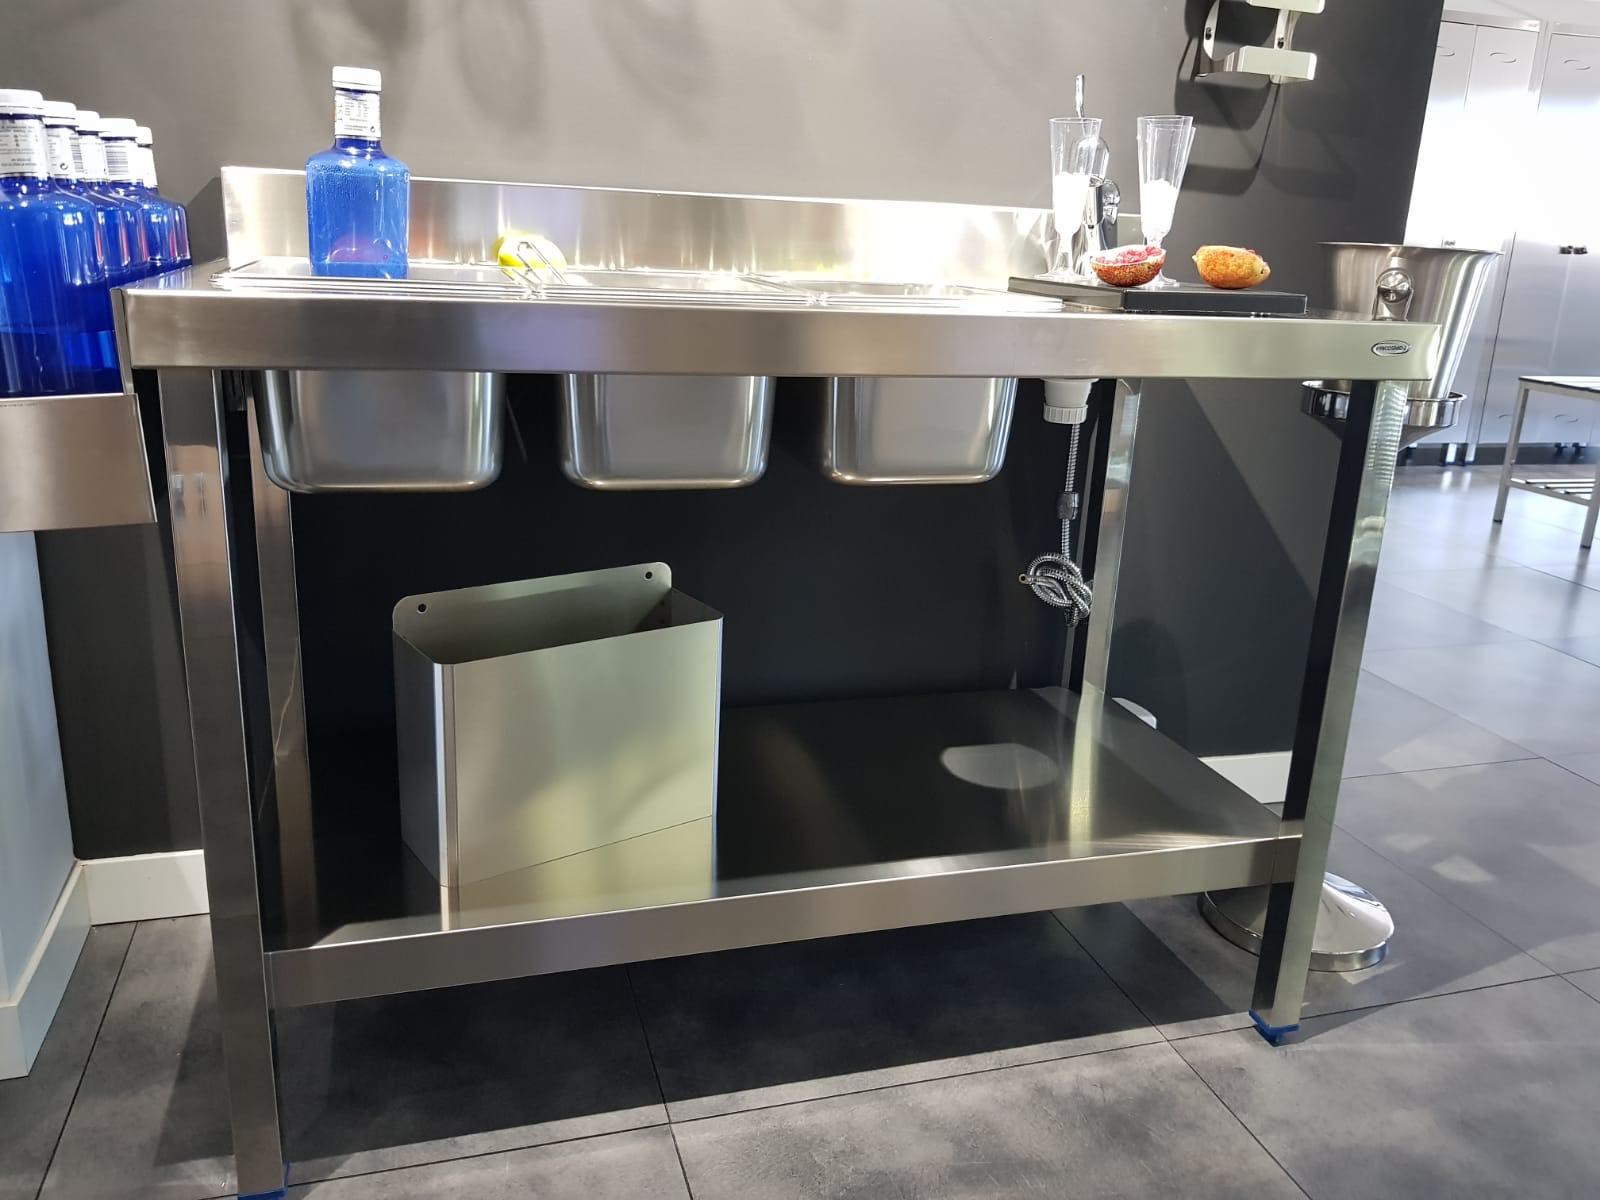 diseño fabricación fabricantes mobiliario maquinario accesorios acero inox acero inoxidable cocteleria cocktel instaladores instalación en toda españa madrid ofertas